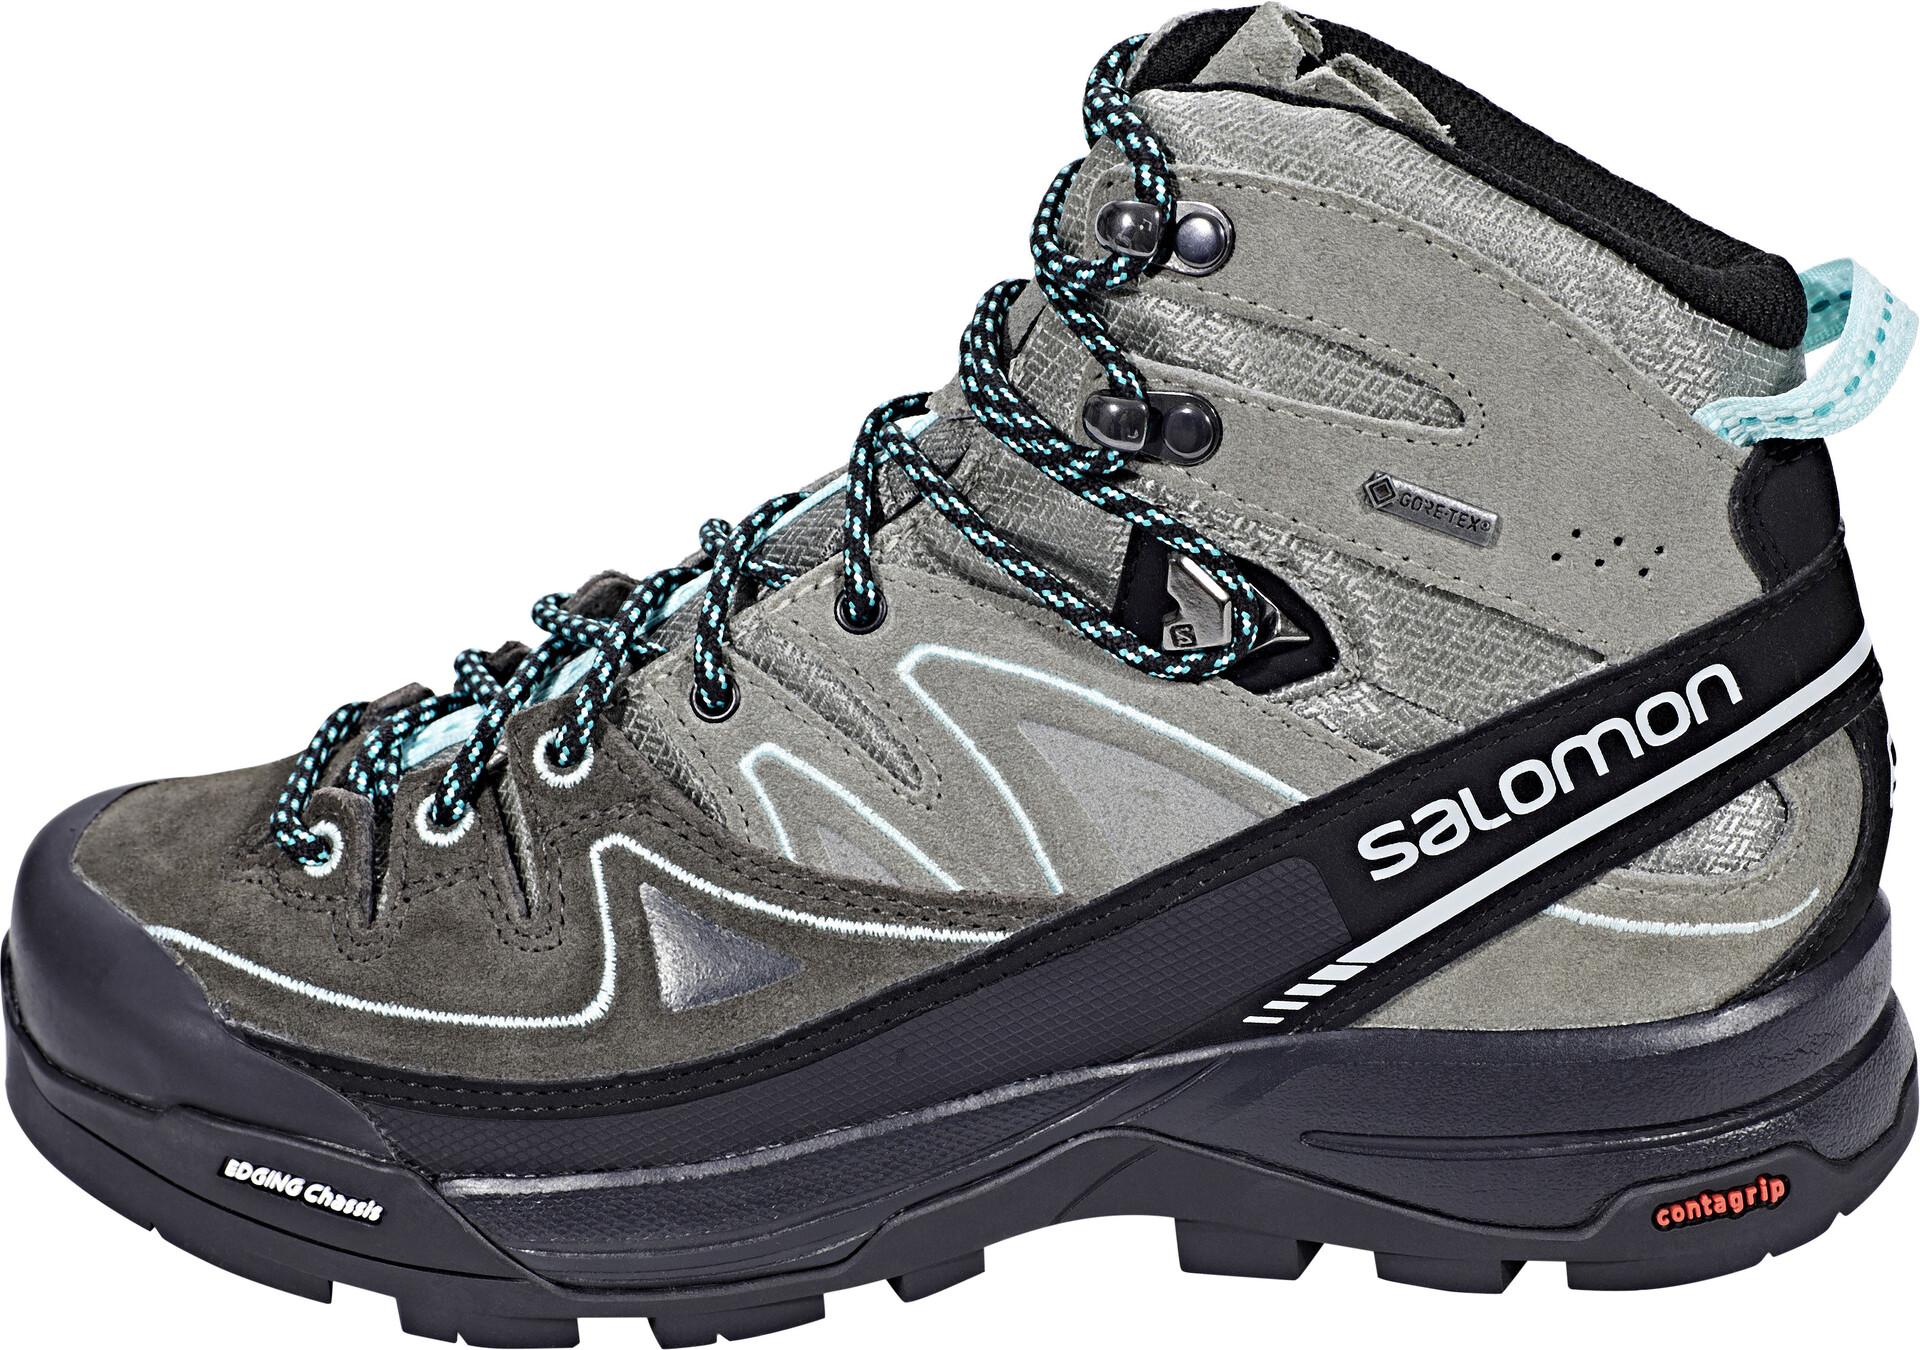 Scarpe da scarpe alte da trekking MONTAGNA Salomon X Alp MTN Gtx high GORETEX